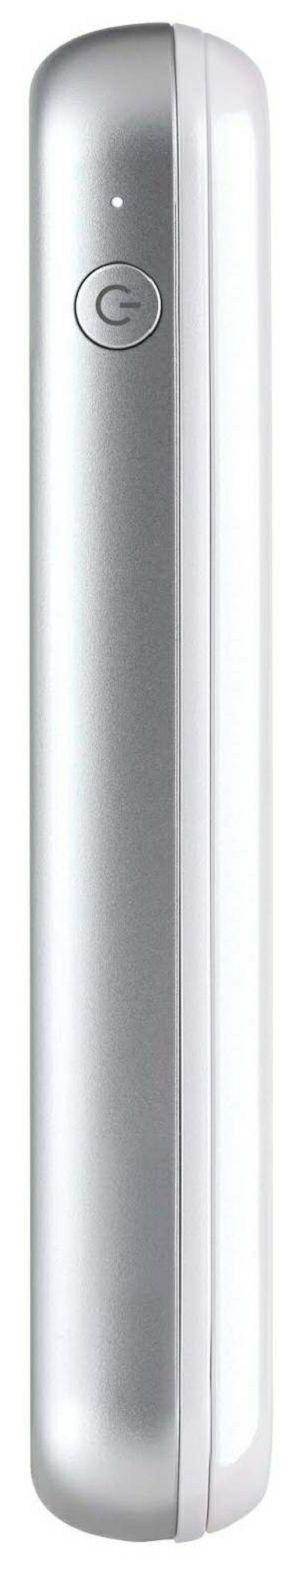 Canon Zoemini Zink Mini Mobile Photo Printer White Silver 3204c006aa